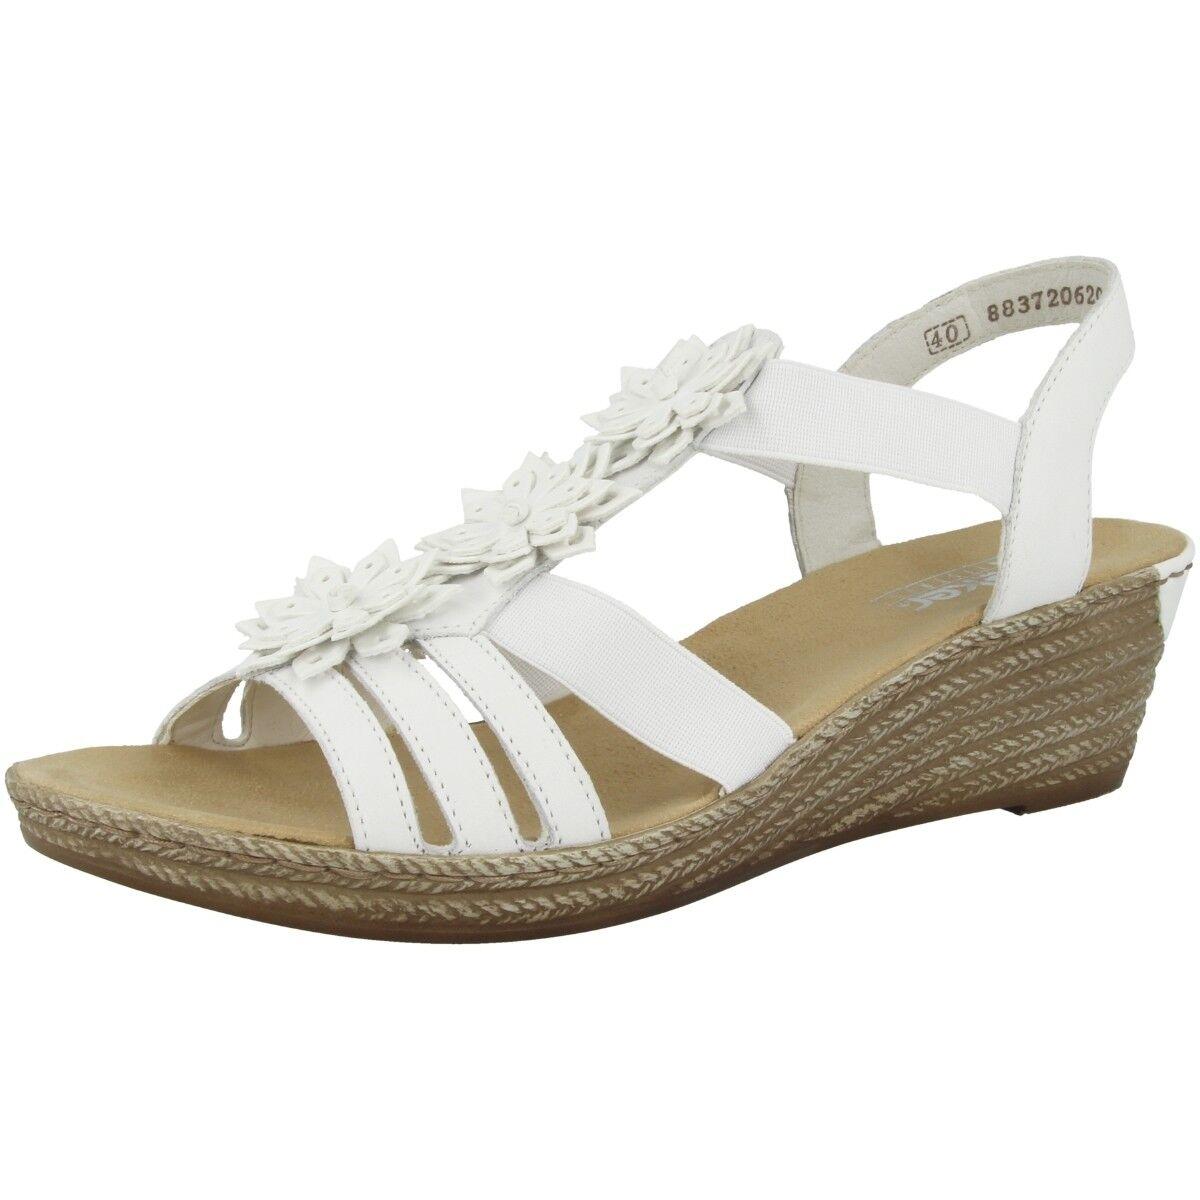 Rieker newark-bogotá mujer zapatos anti estrés cuña decorado sandalias sandalias sandalias 62461-80  moda